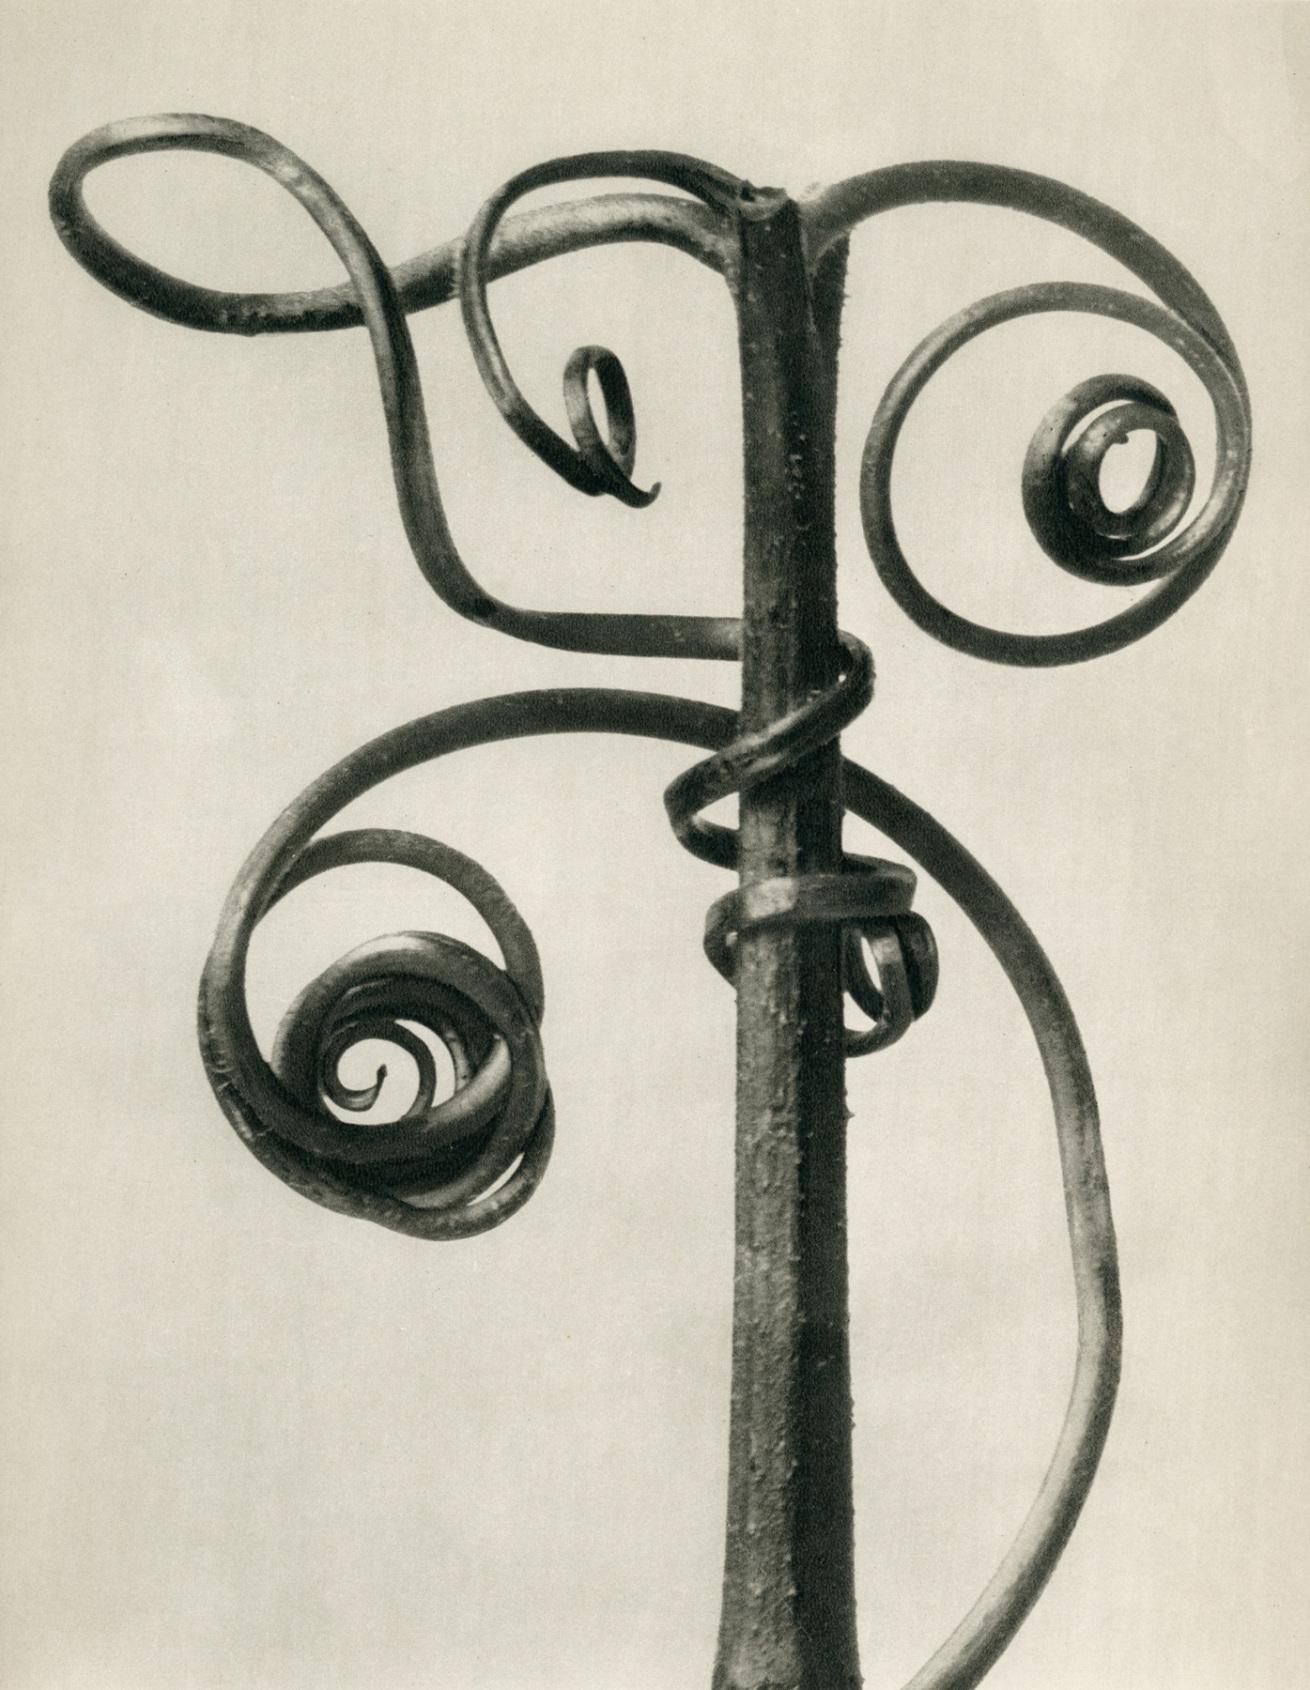 Fotó: Karl Blossfeldt: Cucurbita, Tök kacsok, 1928 előtt <br />Karl Blossfeldt Collection at the University of the Arts Berlin